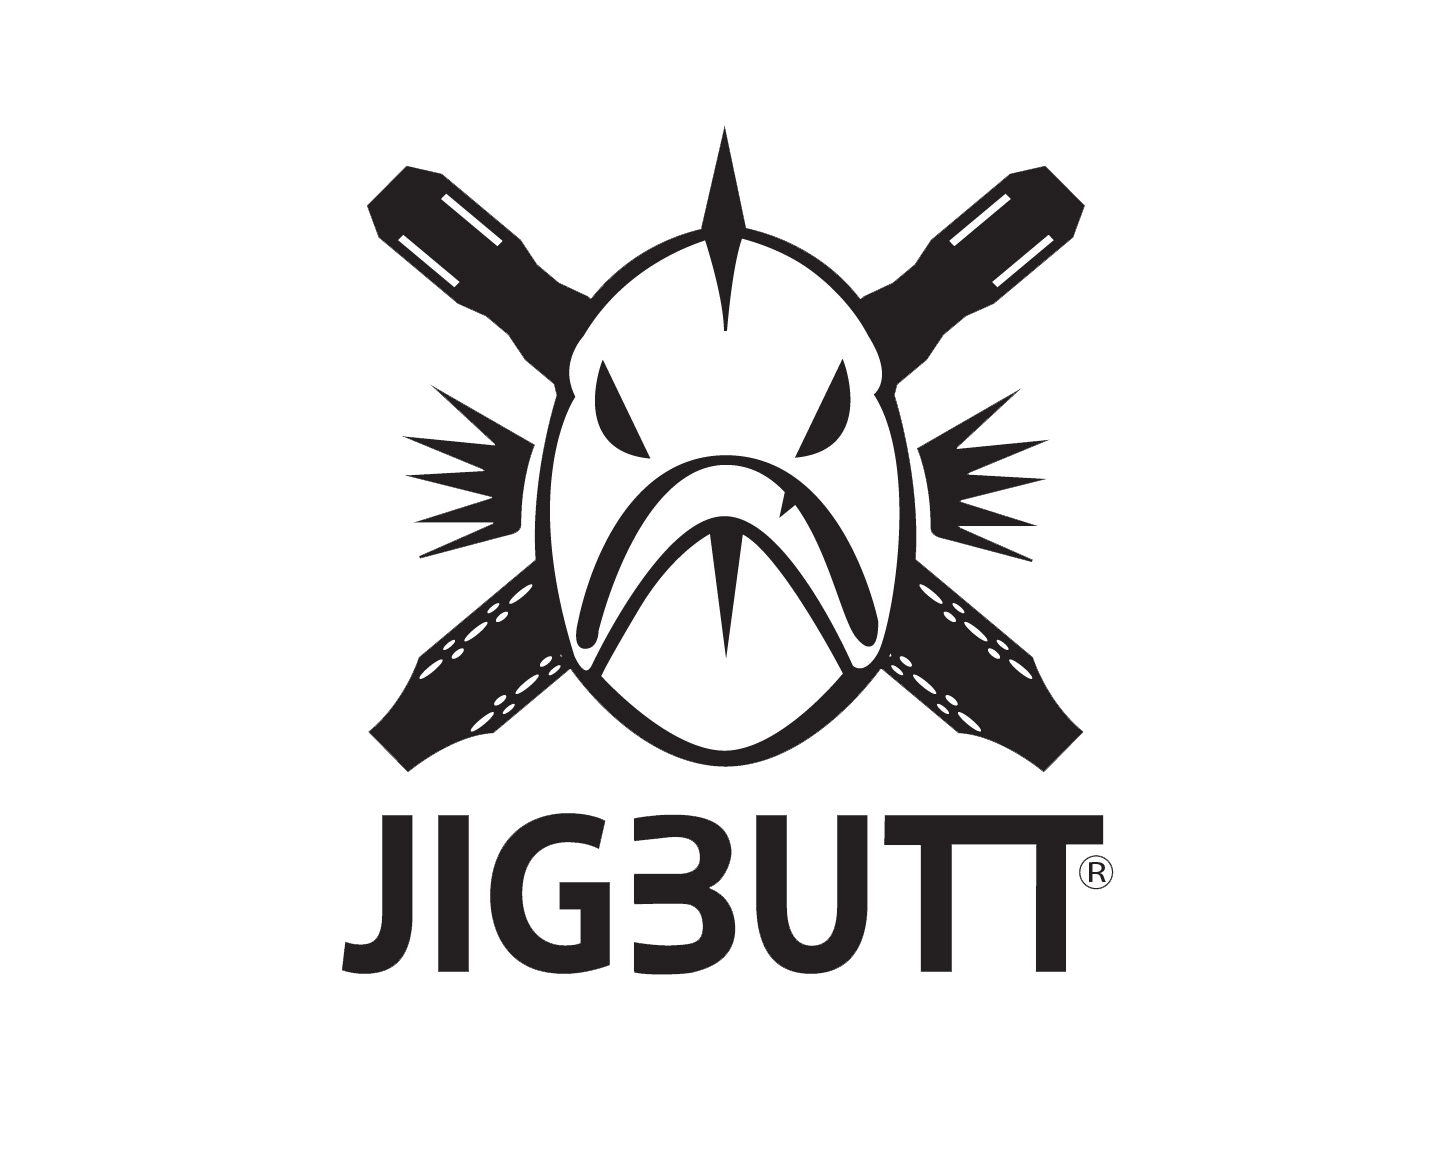 jigbutt logo